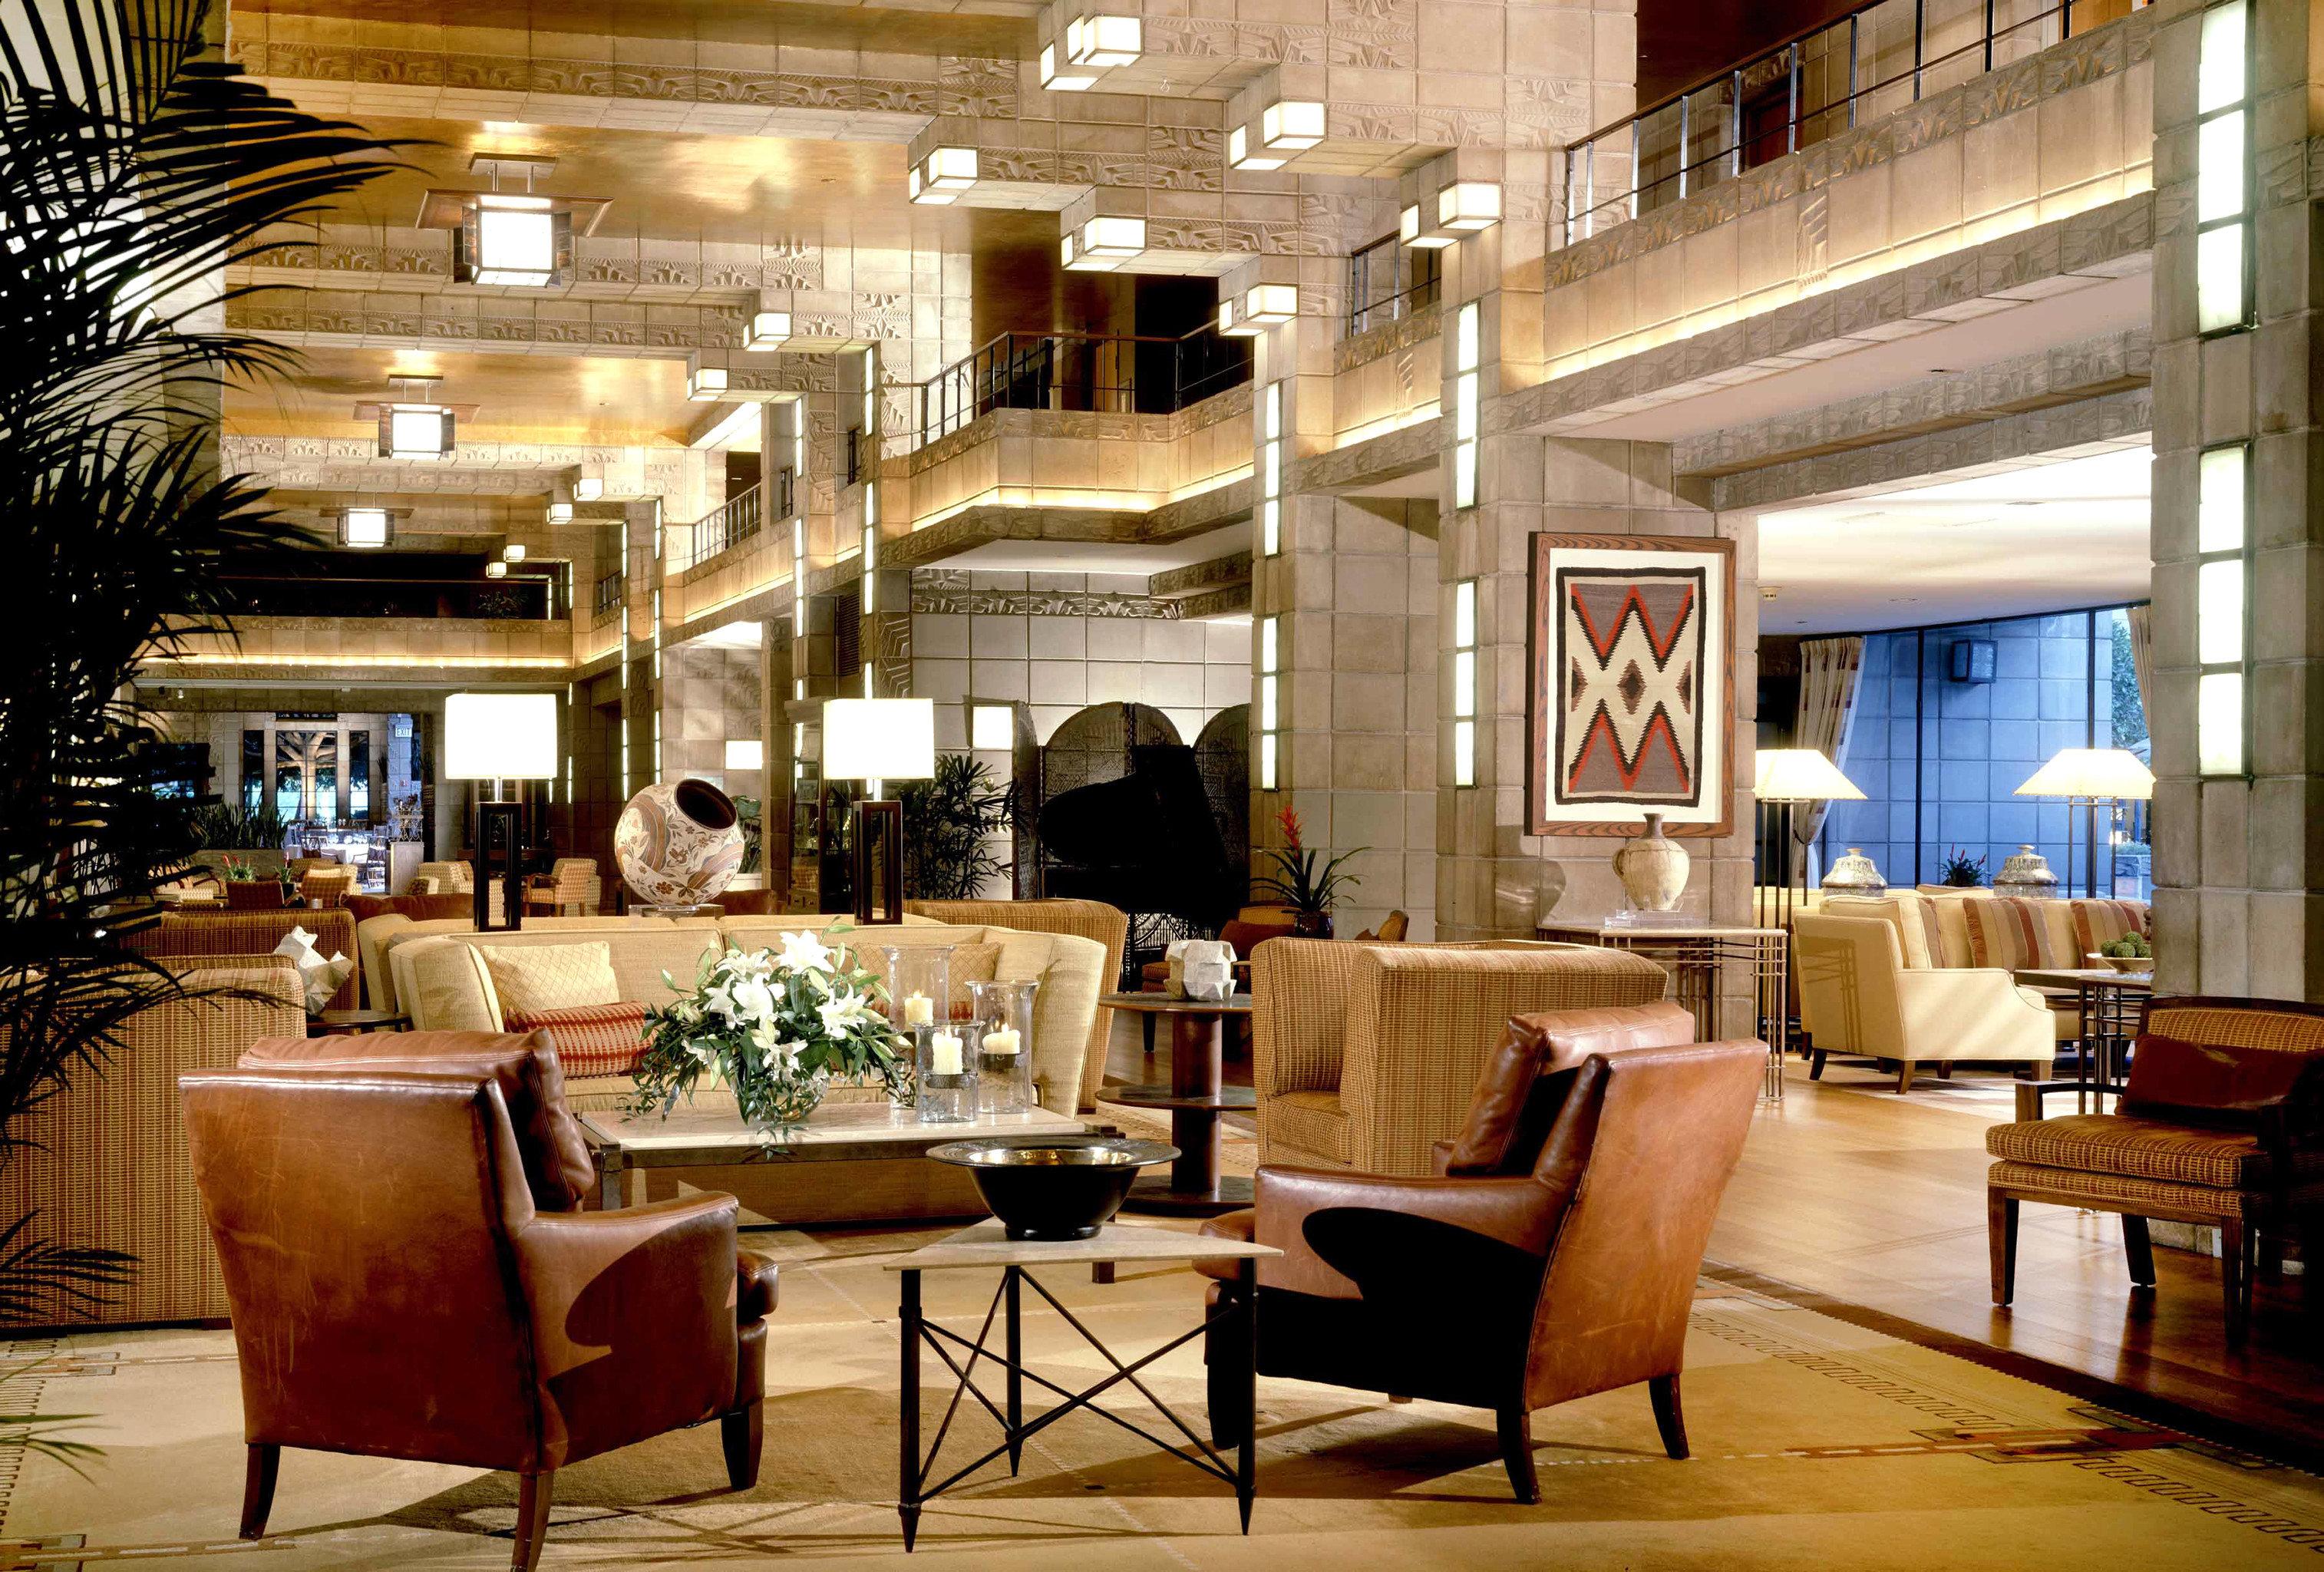 Lobby living room home restaurant